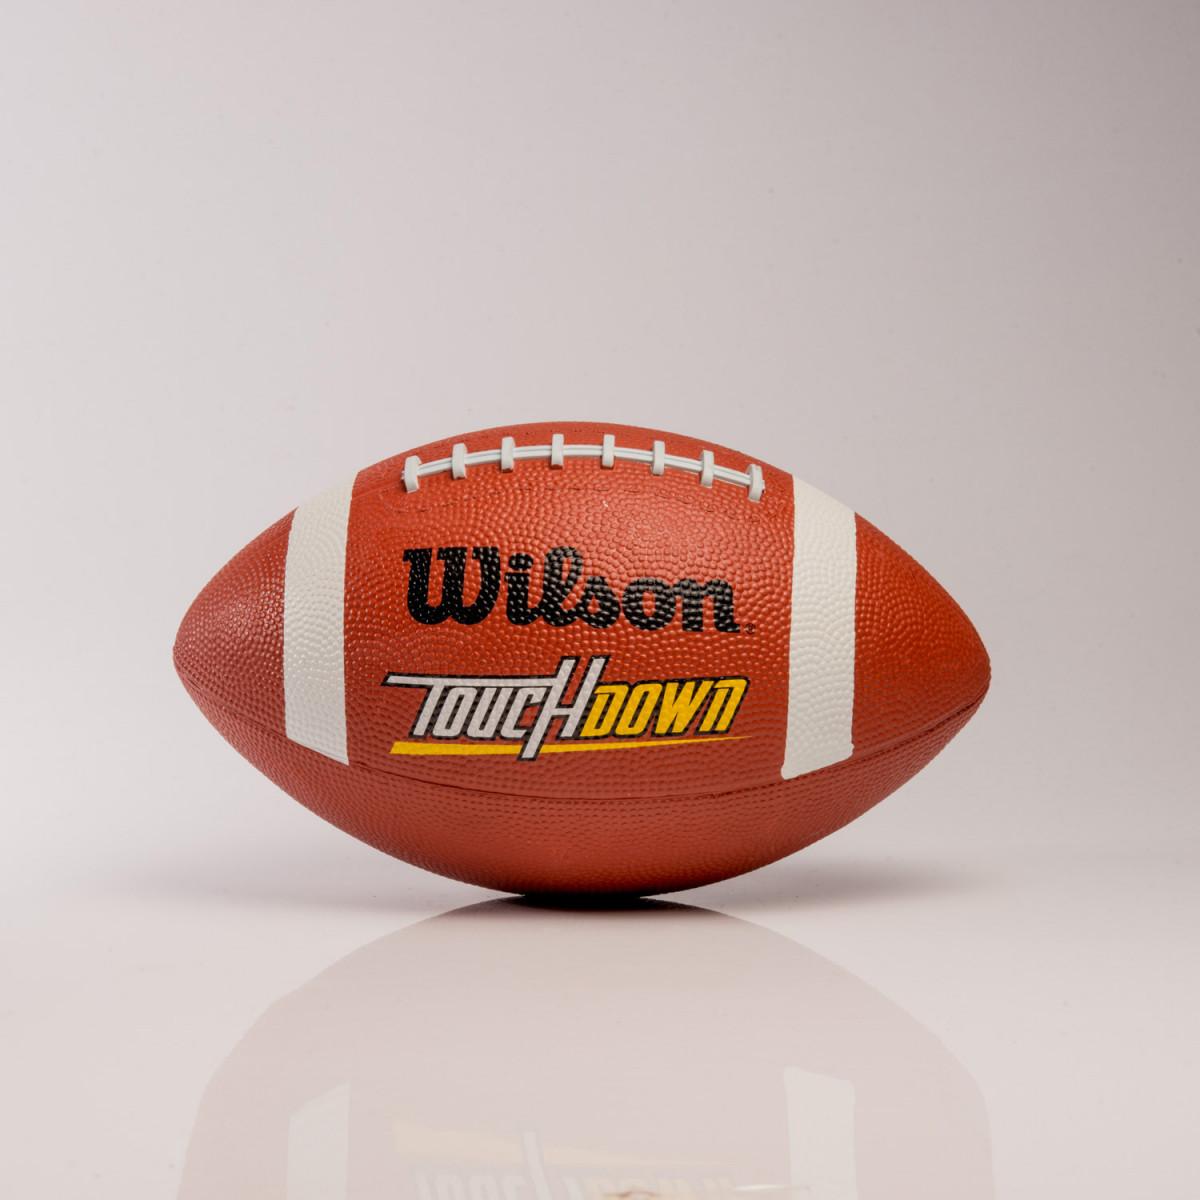 PELOTA WILSON TOUCHDOWN FOOTBALL